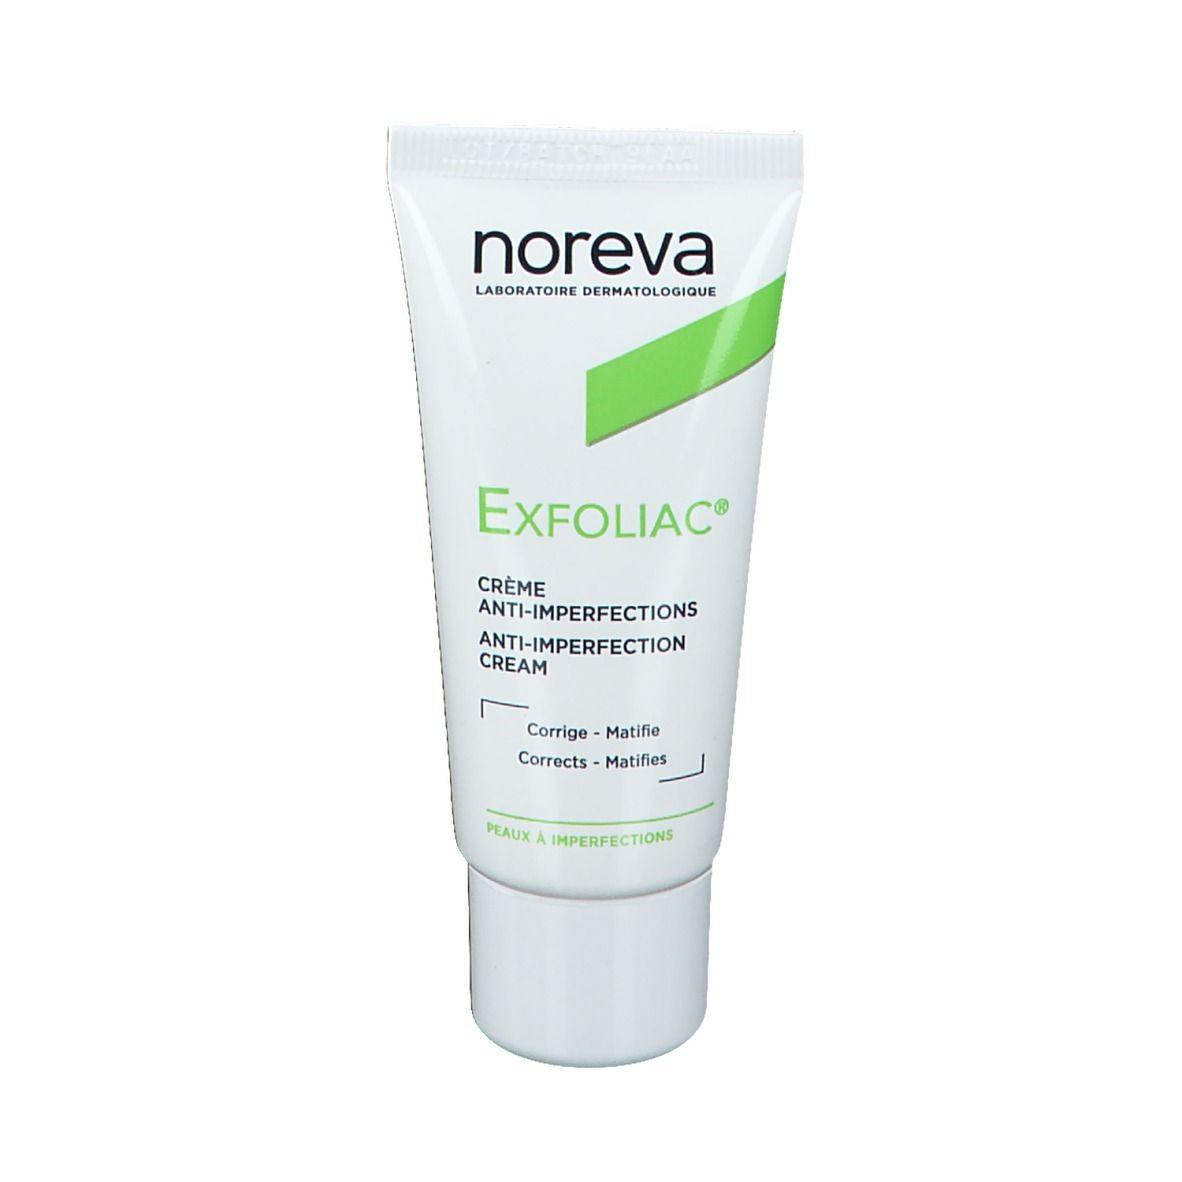 noreva Exfoliac® Creme